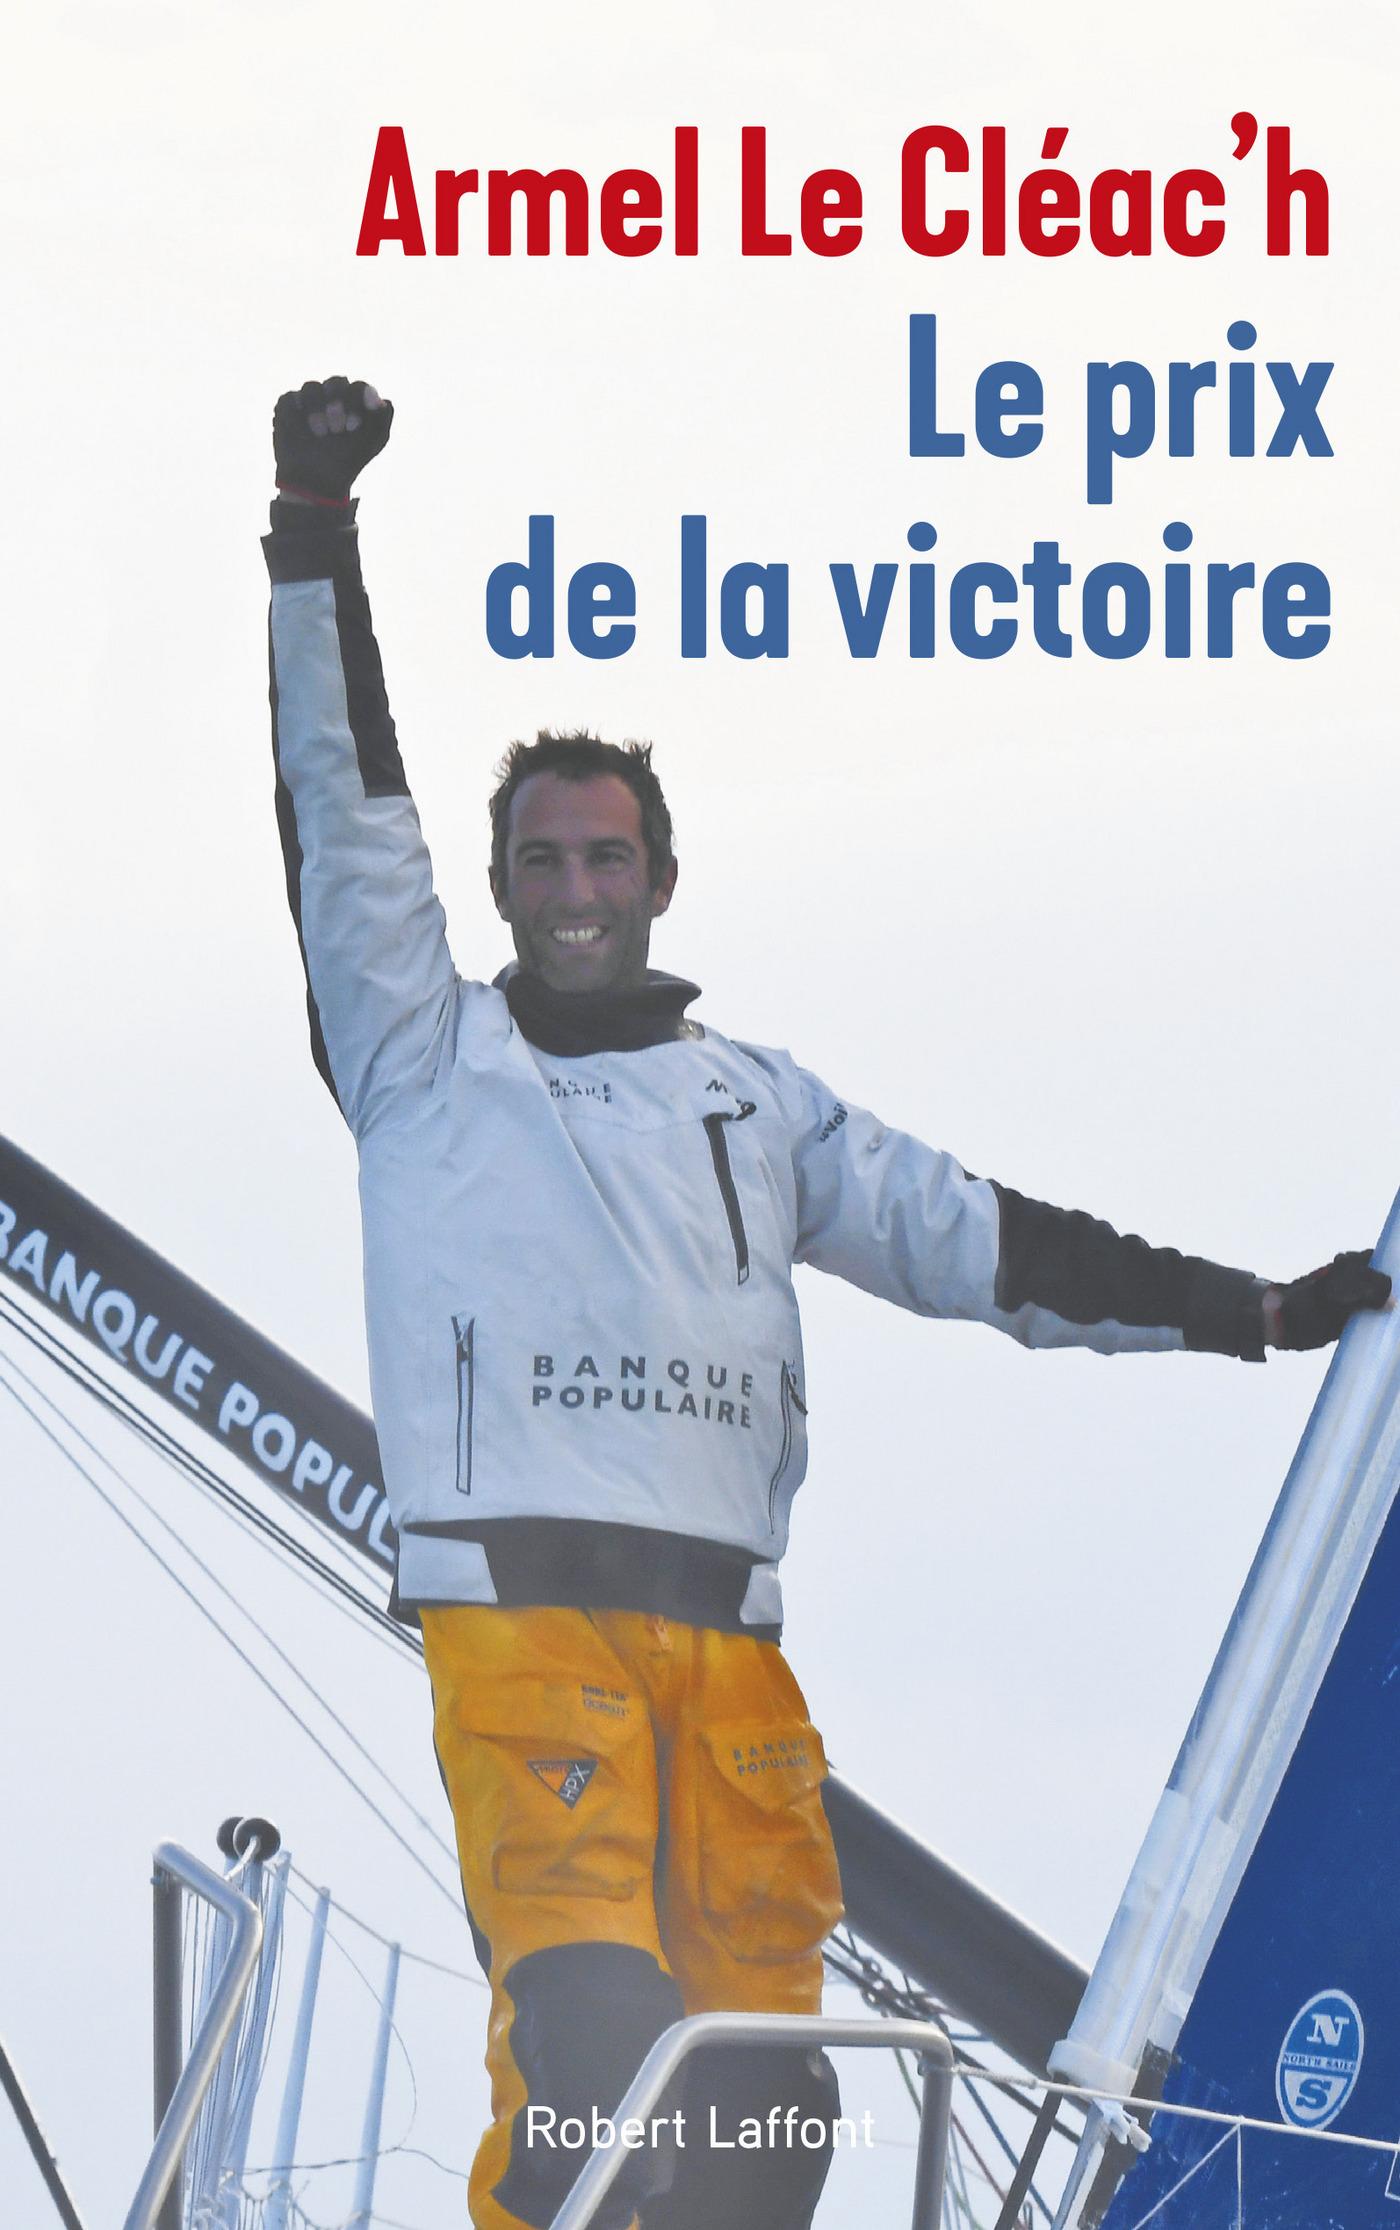 Le Prix de la victoire